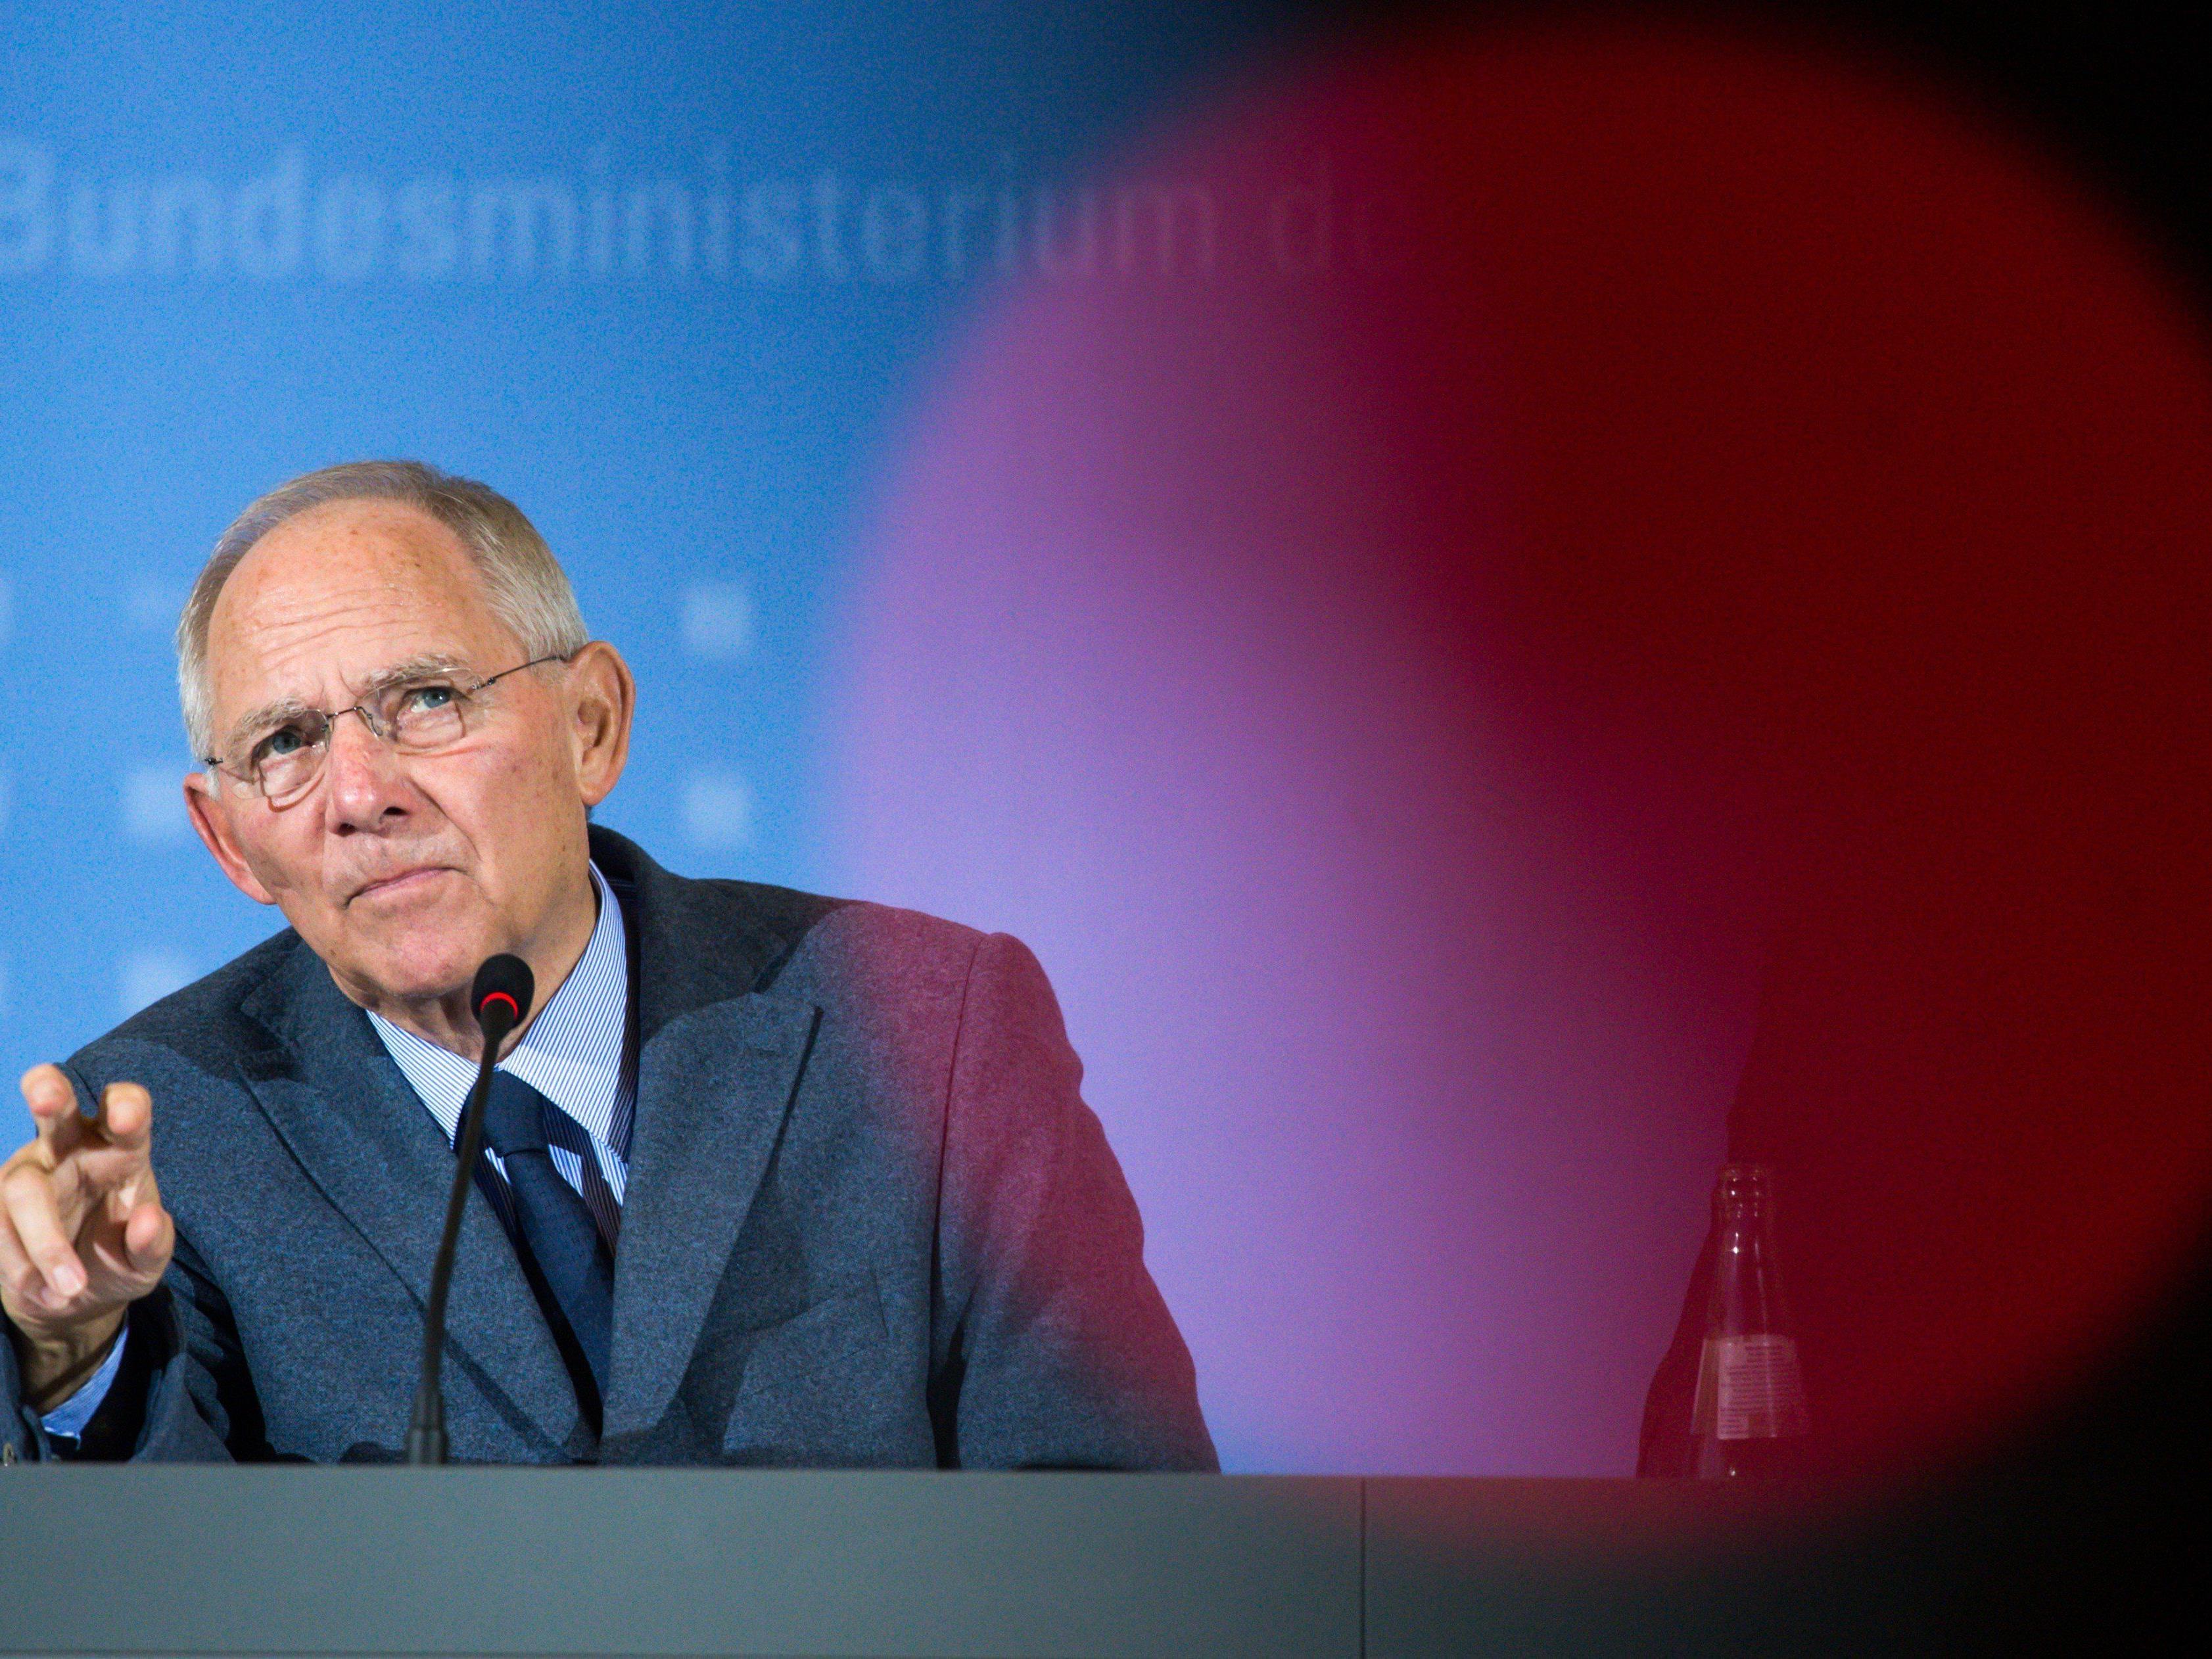 Mit dem Lawinen-Vergleich setzt sich Schäuble, der auch gern mal zündelt, einmal mehr von Angela Merkel ab.